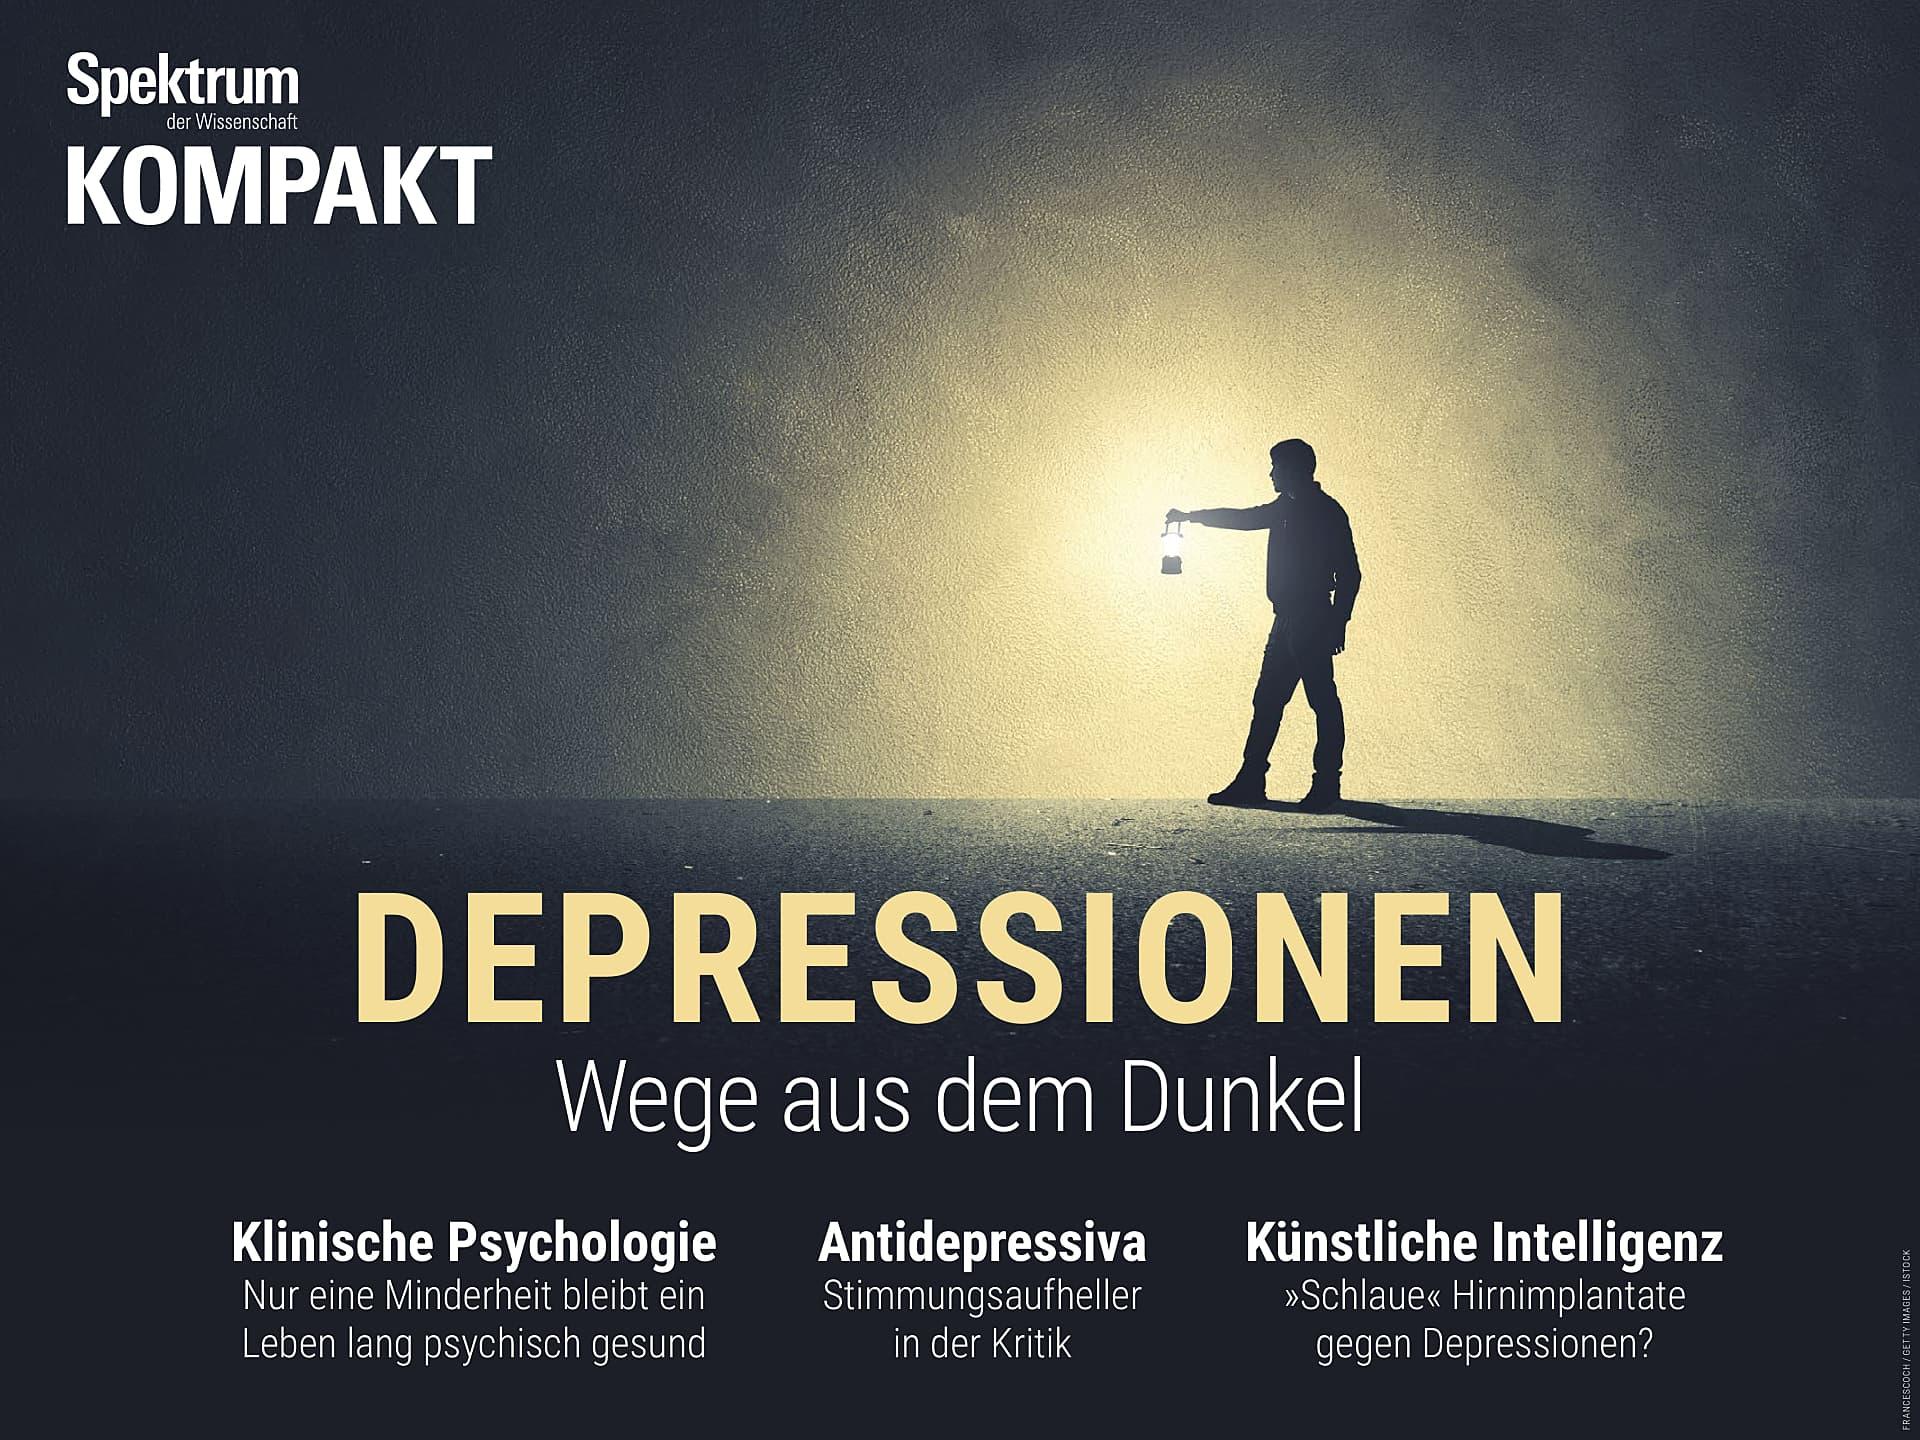 Depressionen - Wege aus dem Dunkel